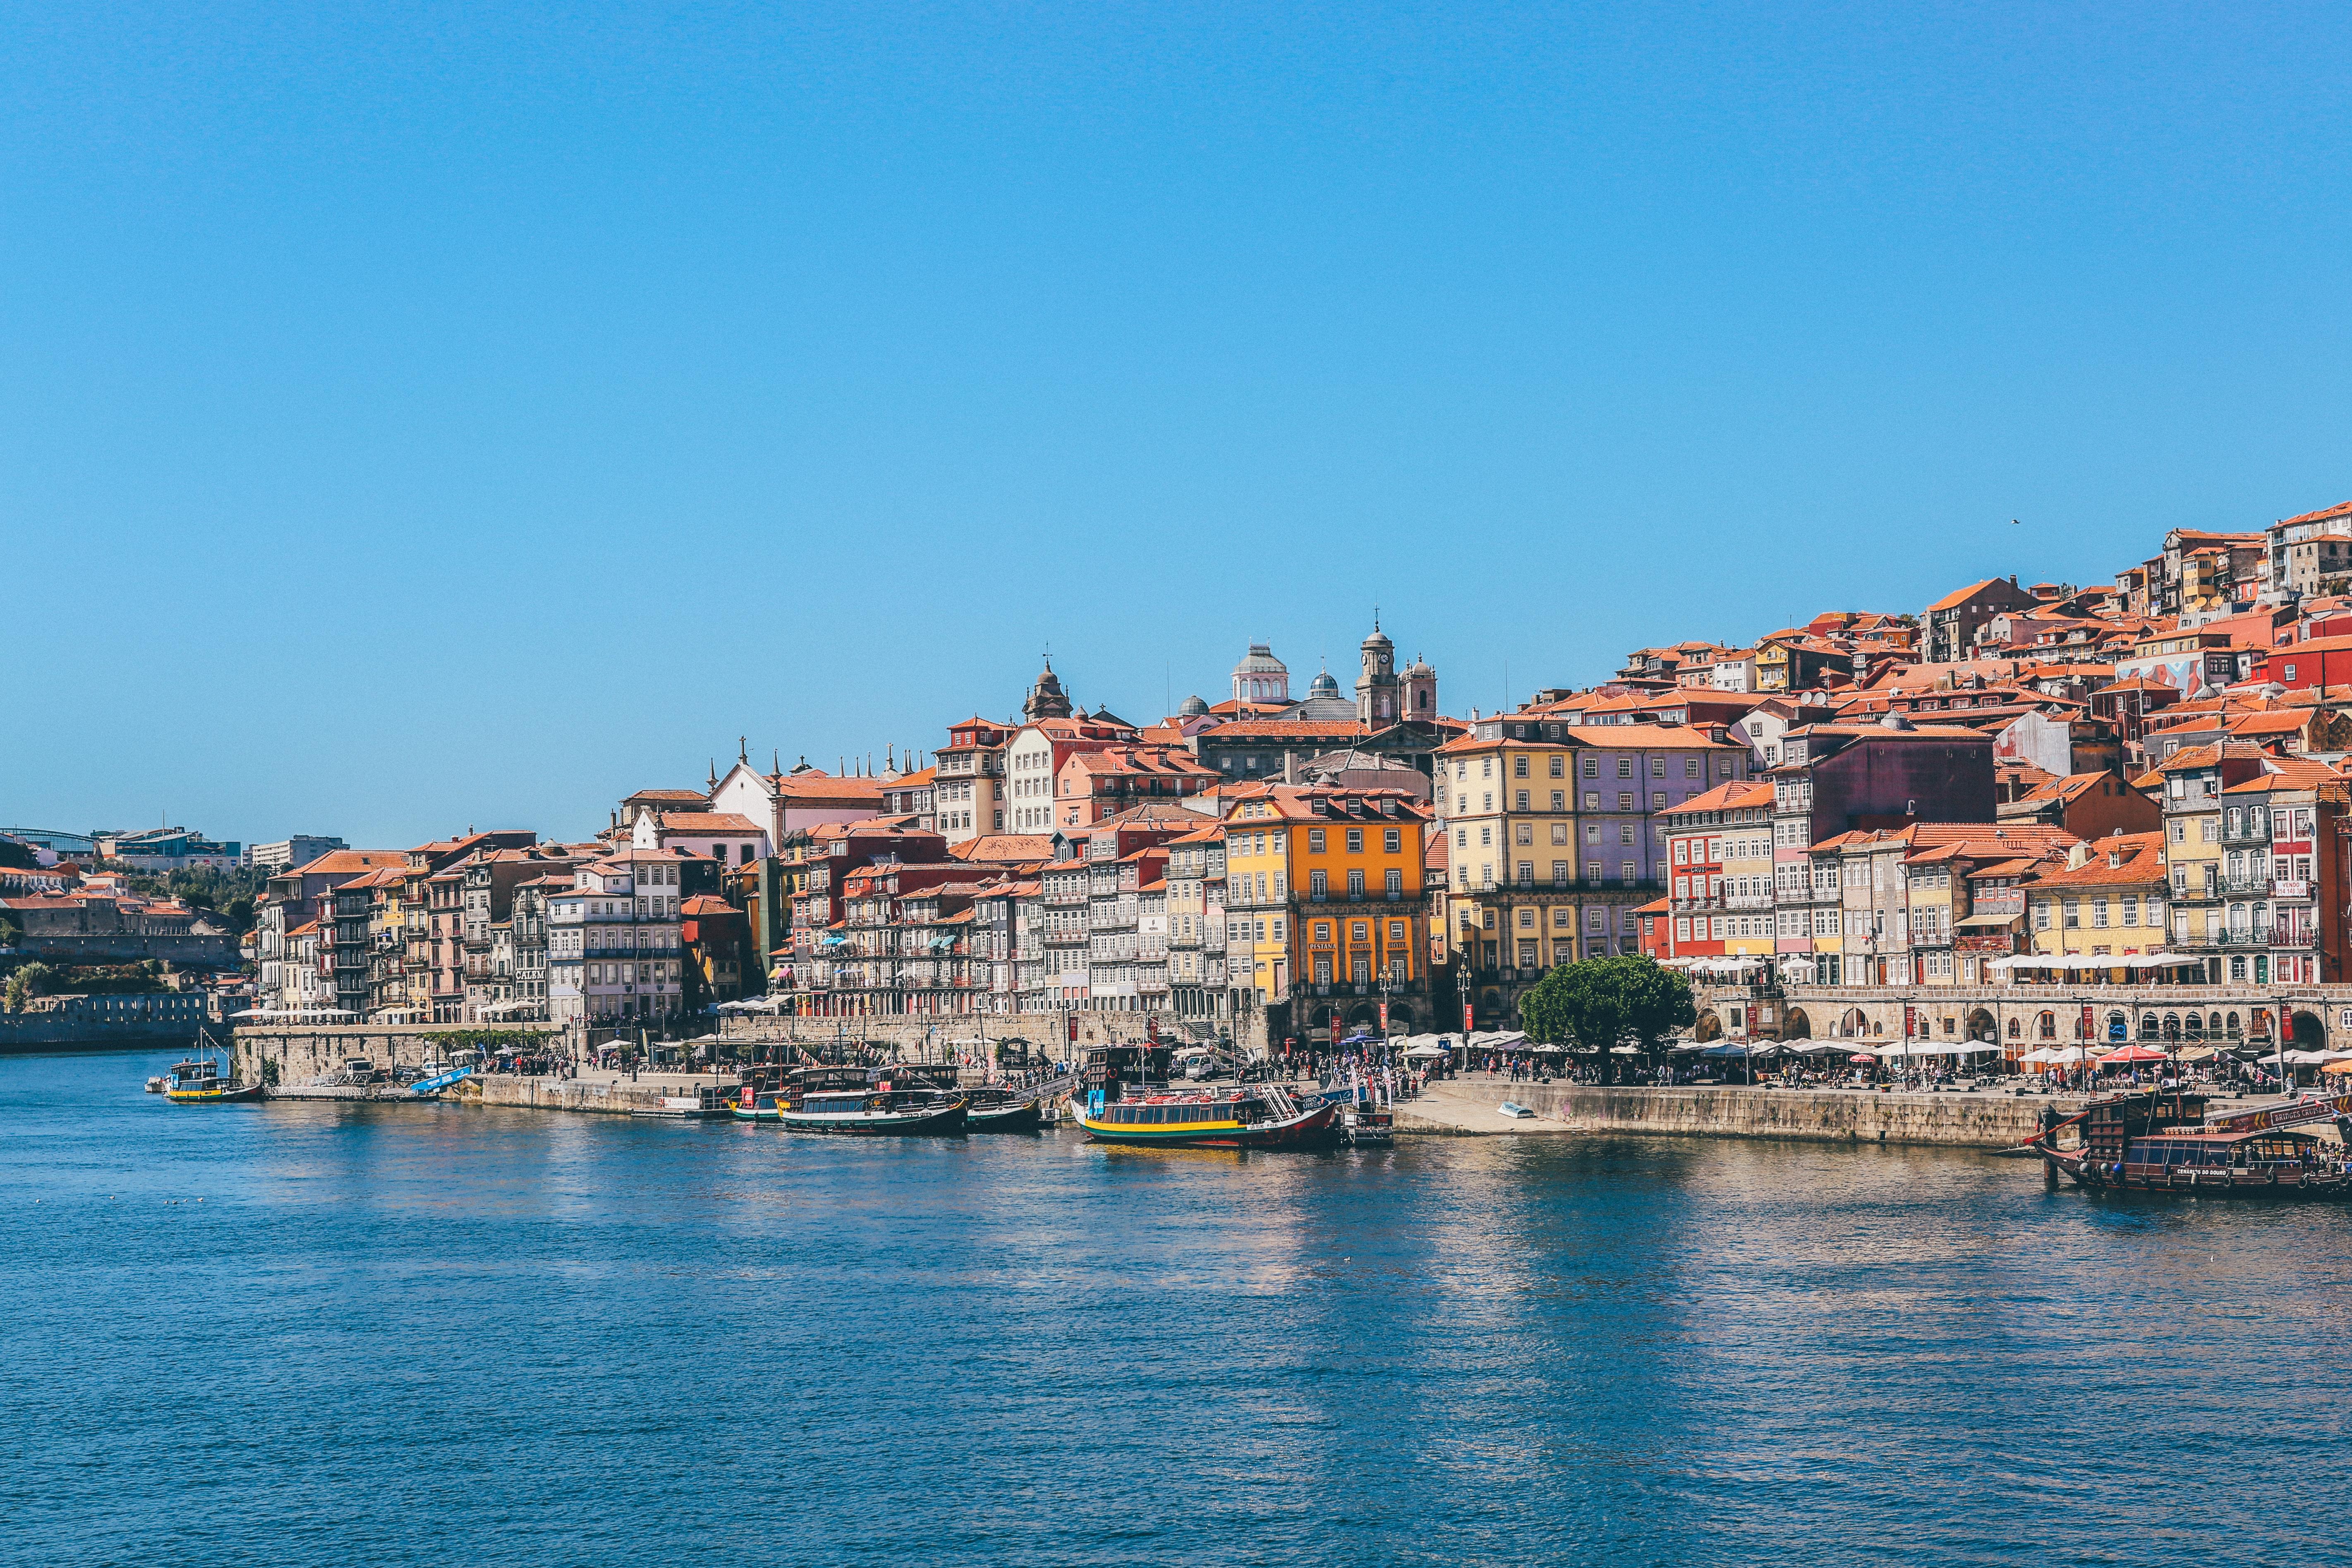 Onde existem mais imóveis disponíveis no concelho do Porto? No Centro histórico